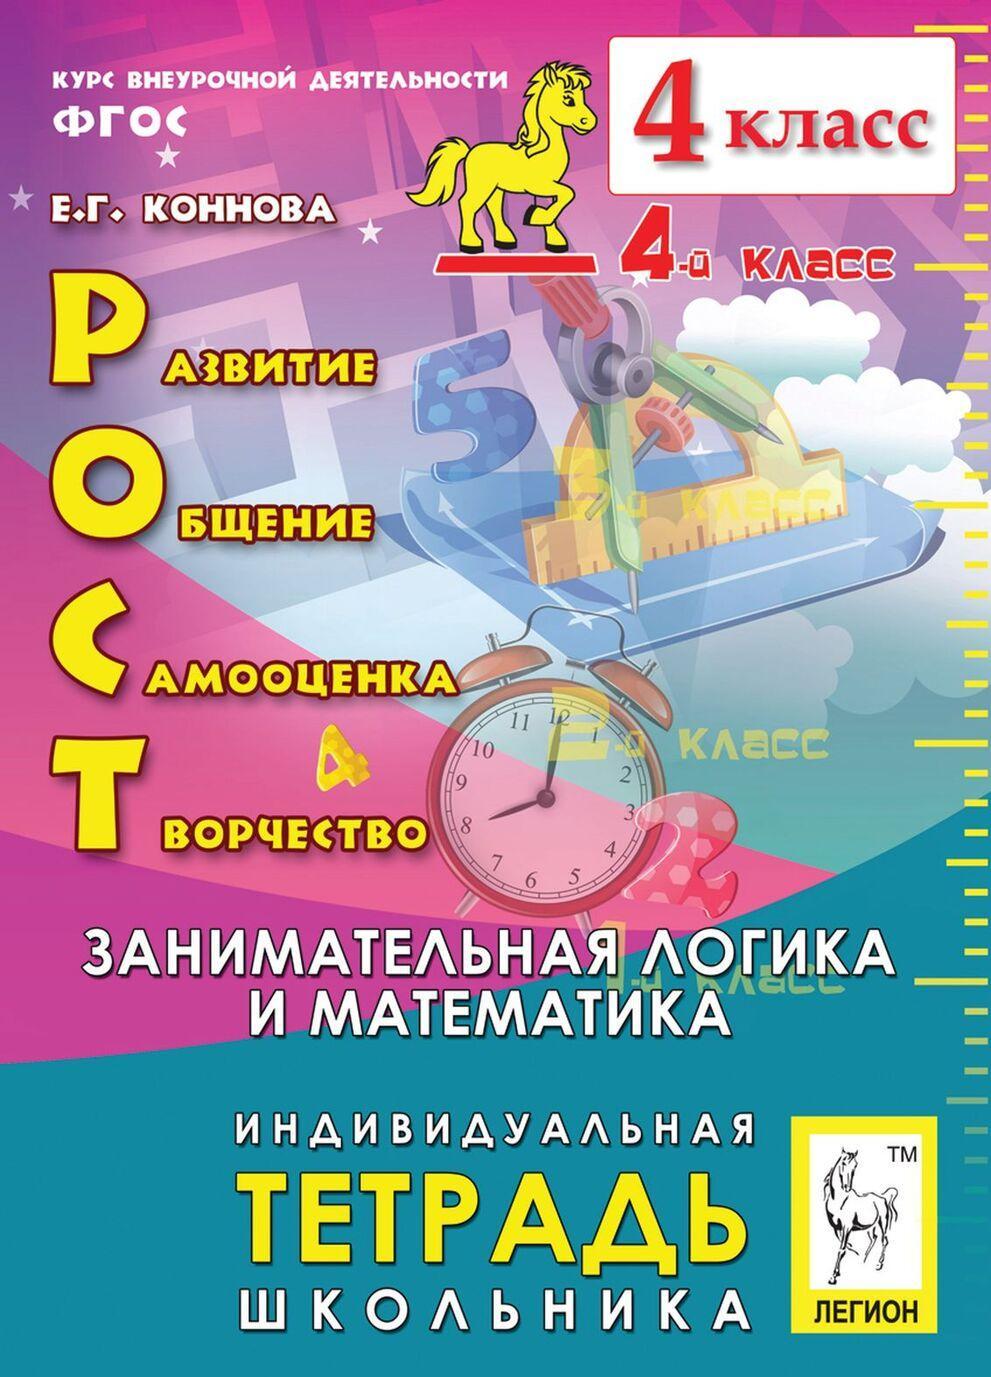 Vneurochnaja dejatelnost. Razvitie, Obschenie, Samootsenka, Tvorchestvo. 4 klass. Tetrad. 3-e izd.